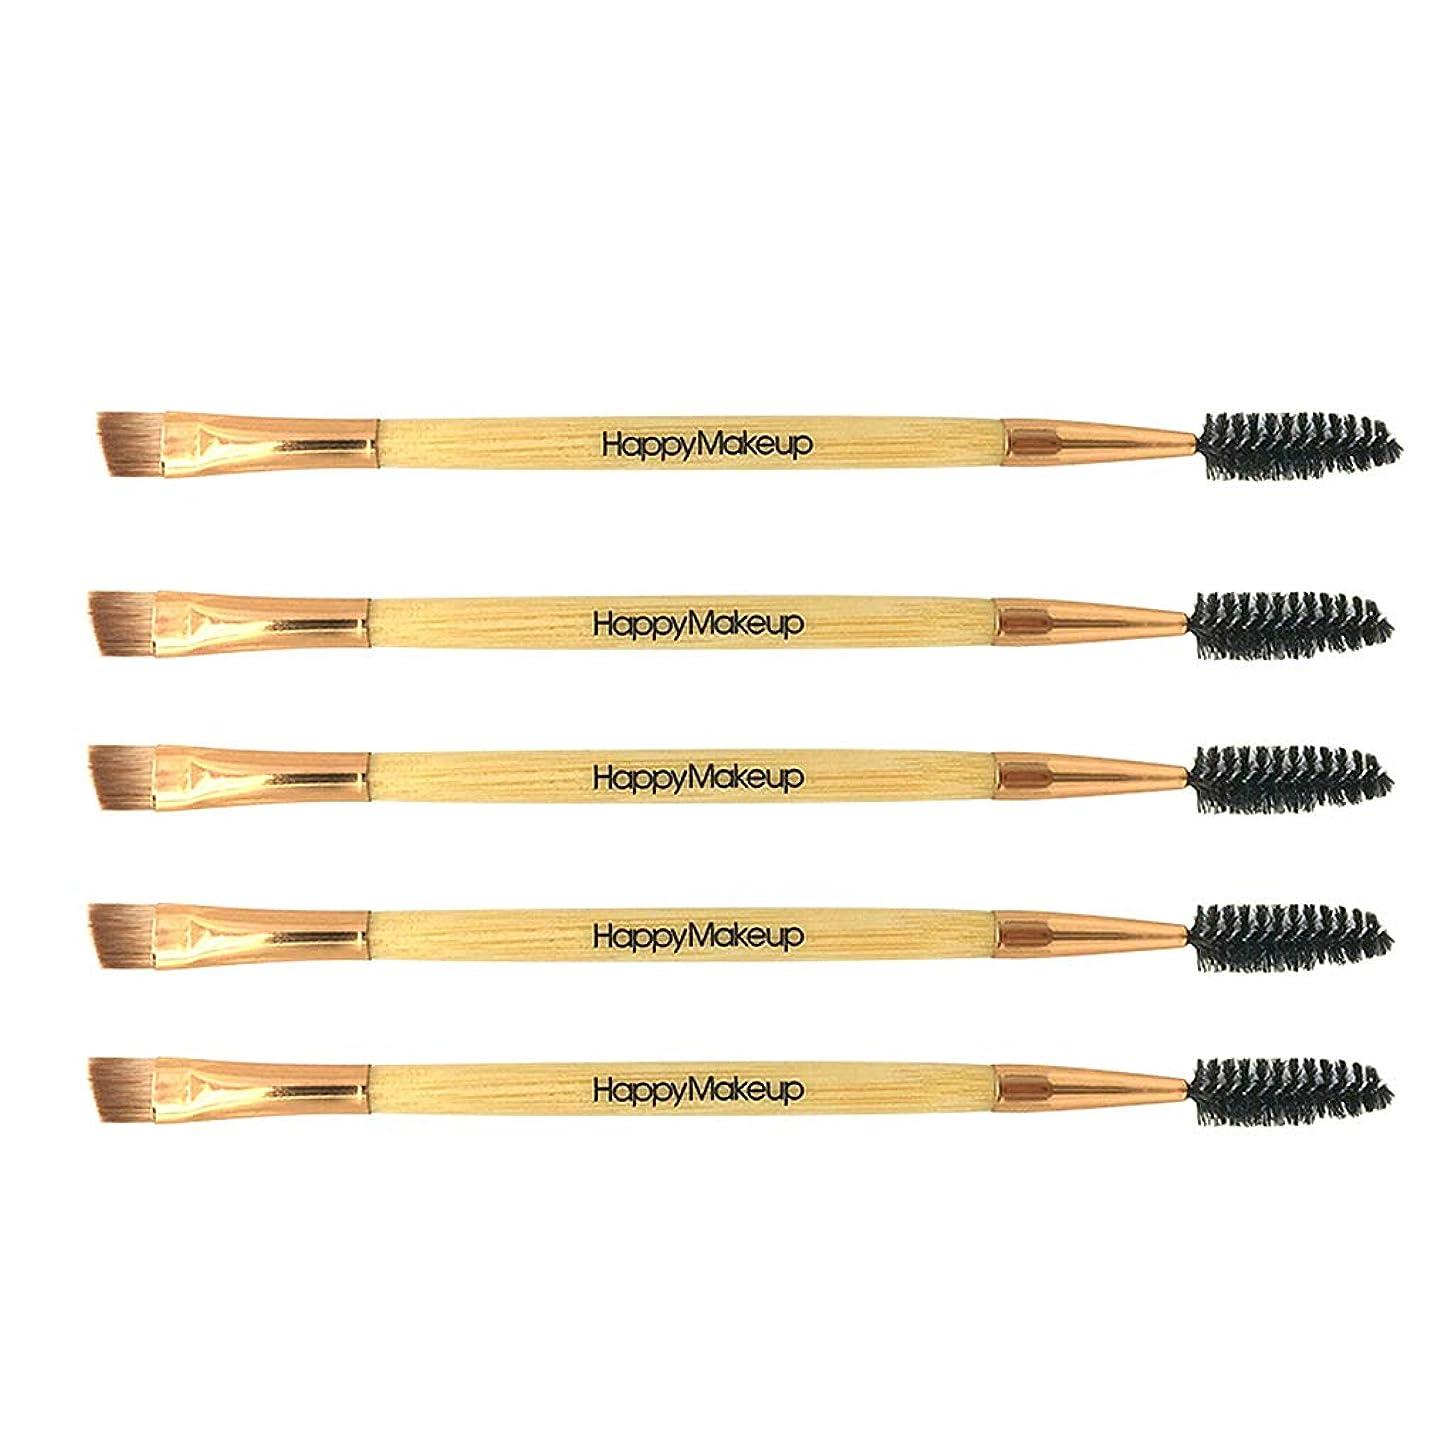 多用途脱獄理容師CUTICATE 木製ハンドル デュアルヘッド メイクまつ毛コーム まつげブラシ まつ毛コーム 全3色 - ゴールド